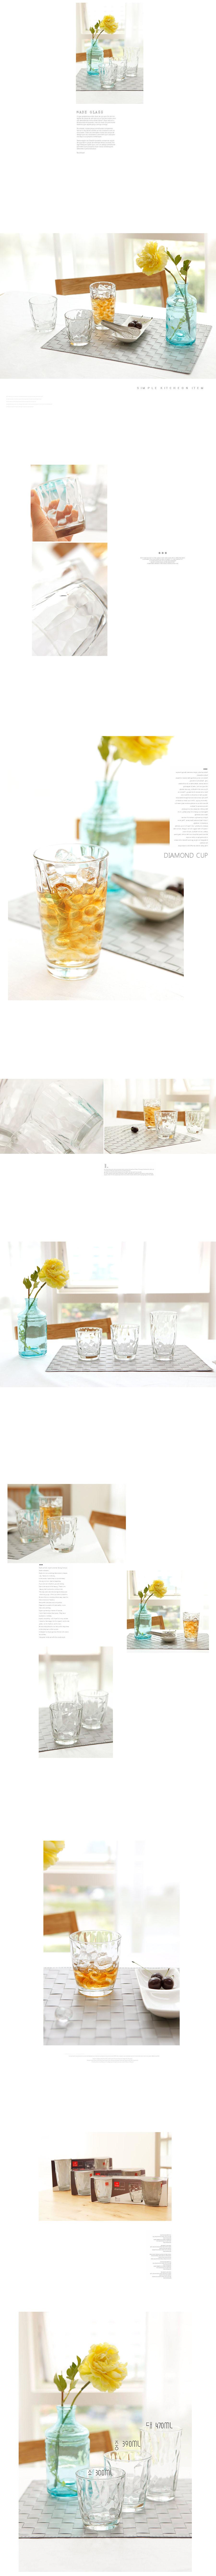 보르미올리 다이아몬드 컵3Pset(3size) - 꾸미기 좋은날, 8,200원, 유리컵/술잔, 유리컵